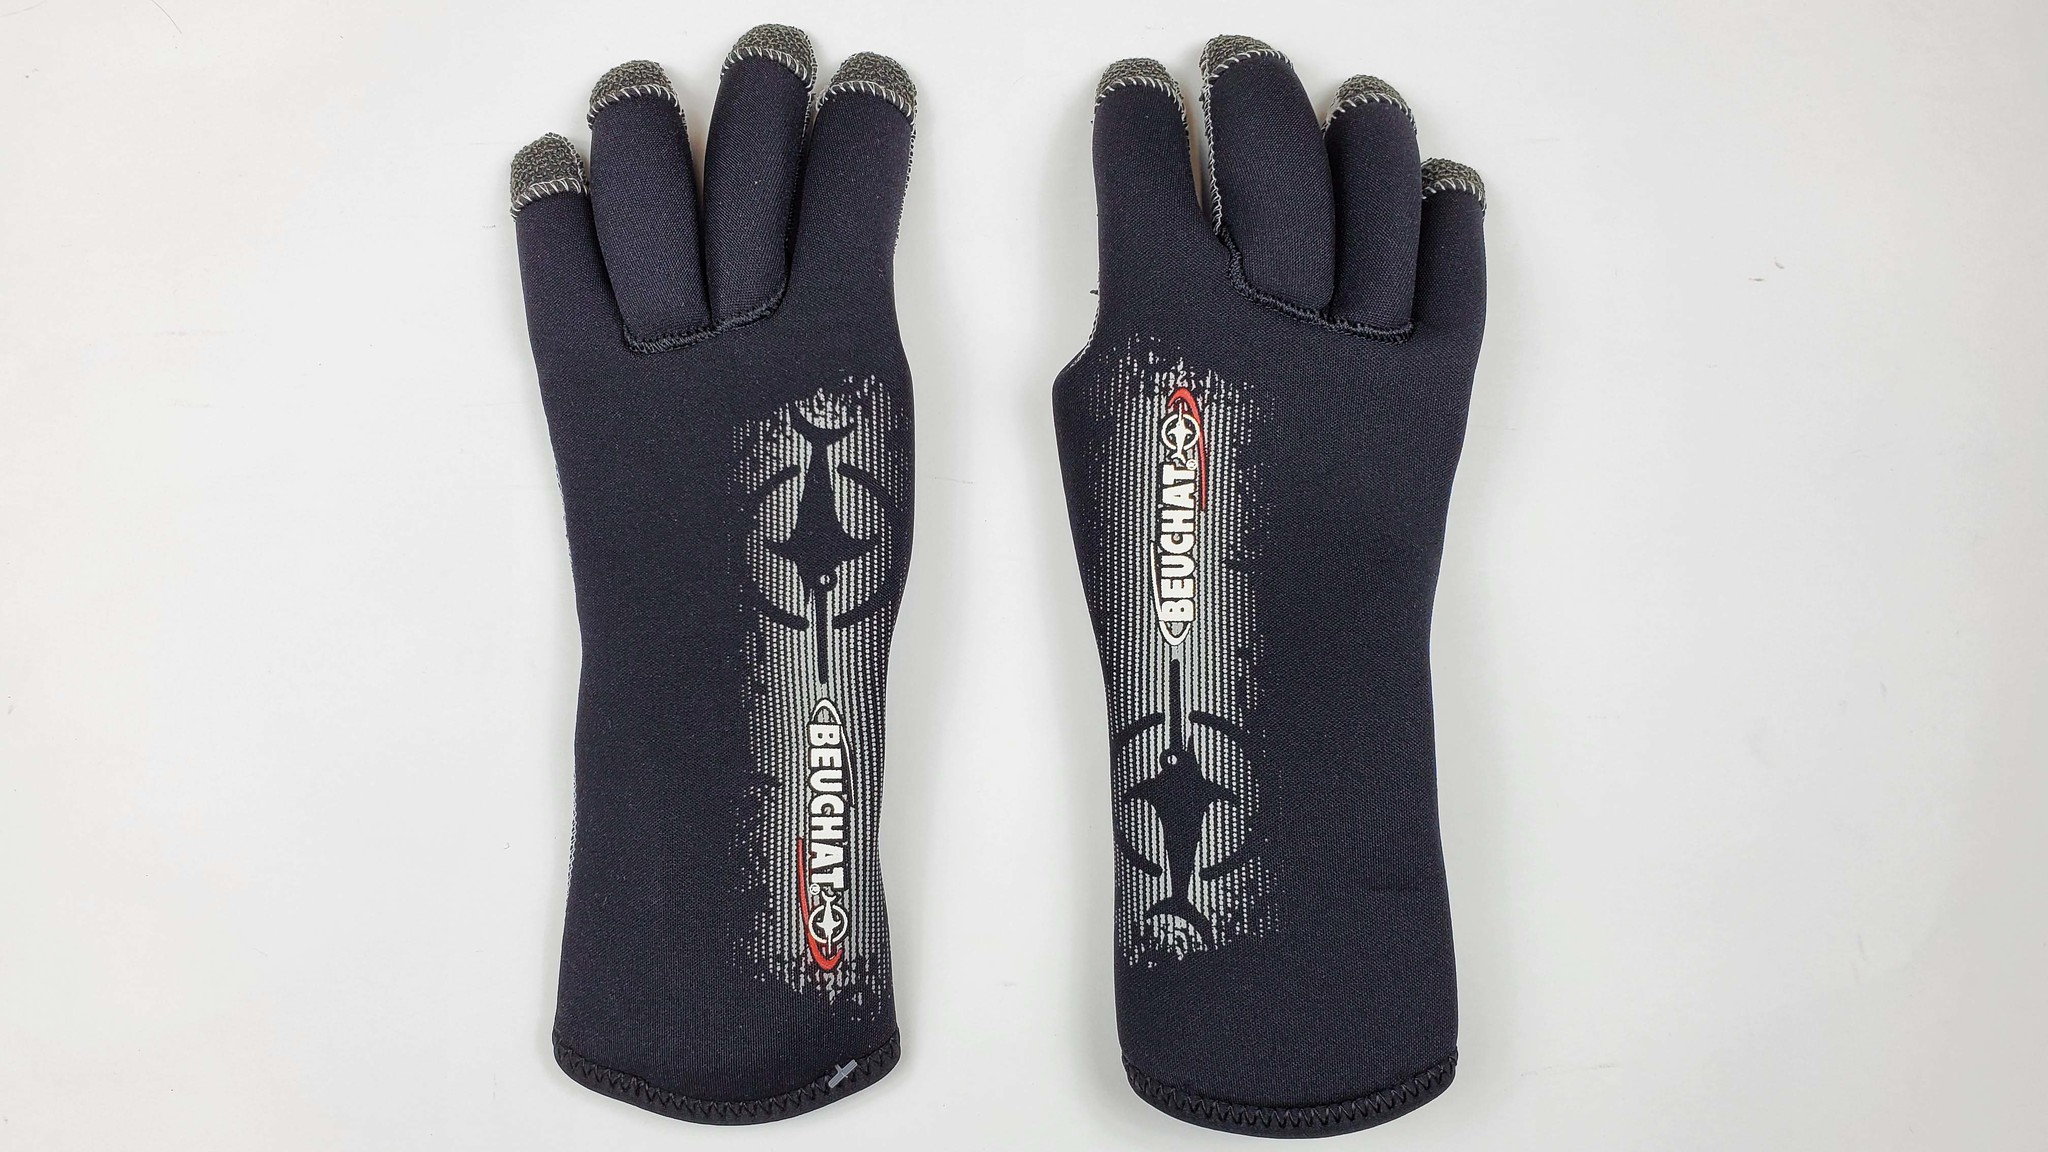 Перчатки Beuchat Premium, 4,5 мм